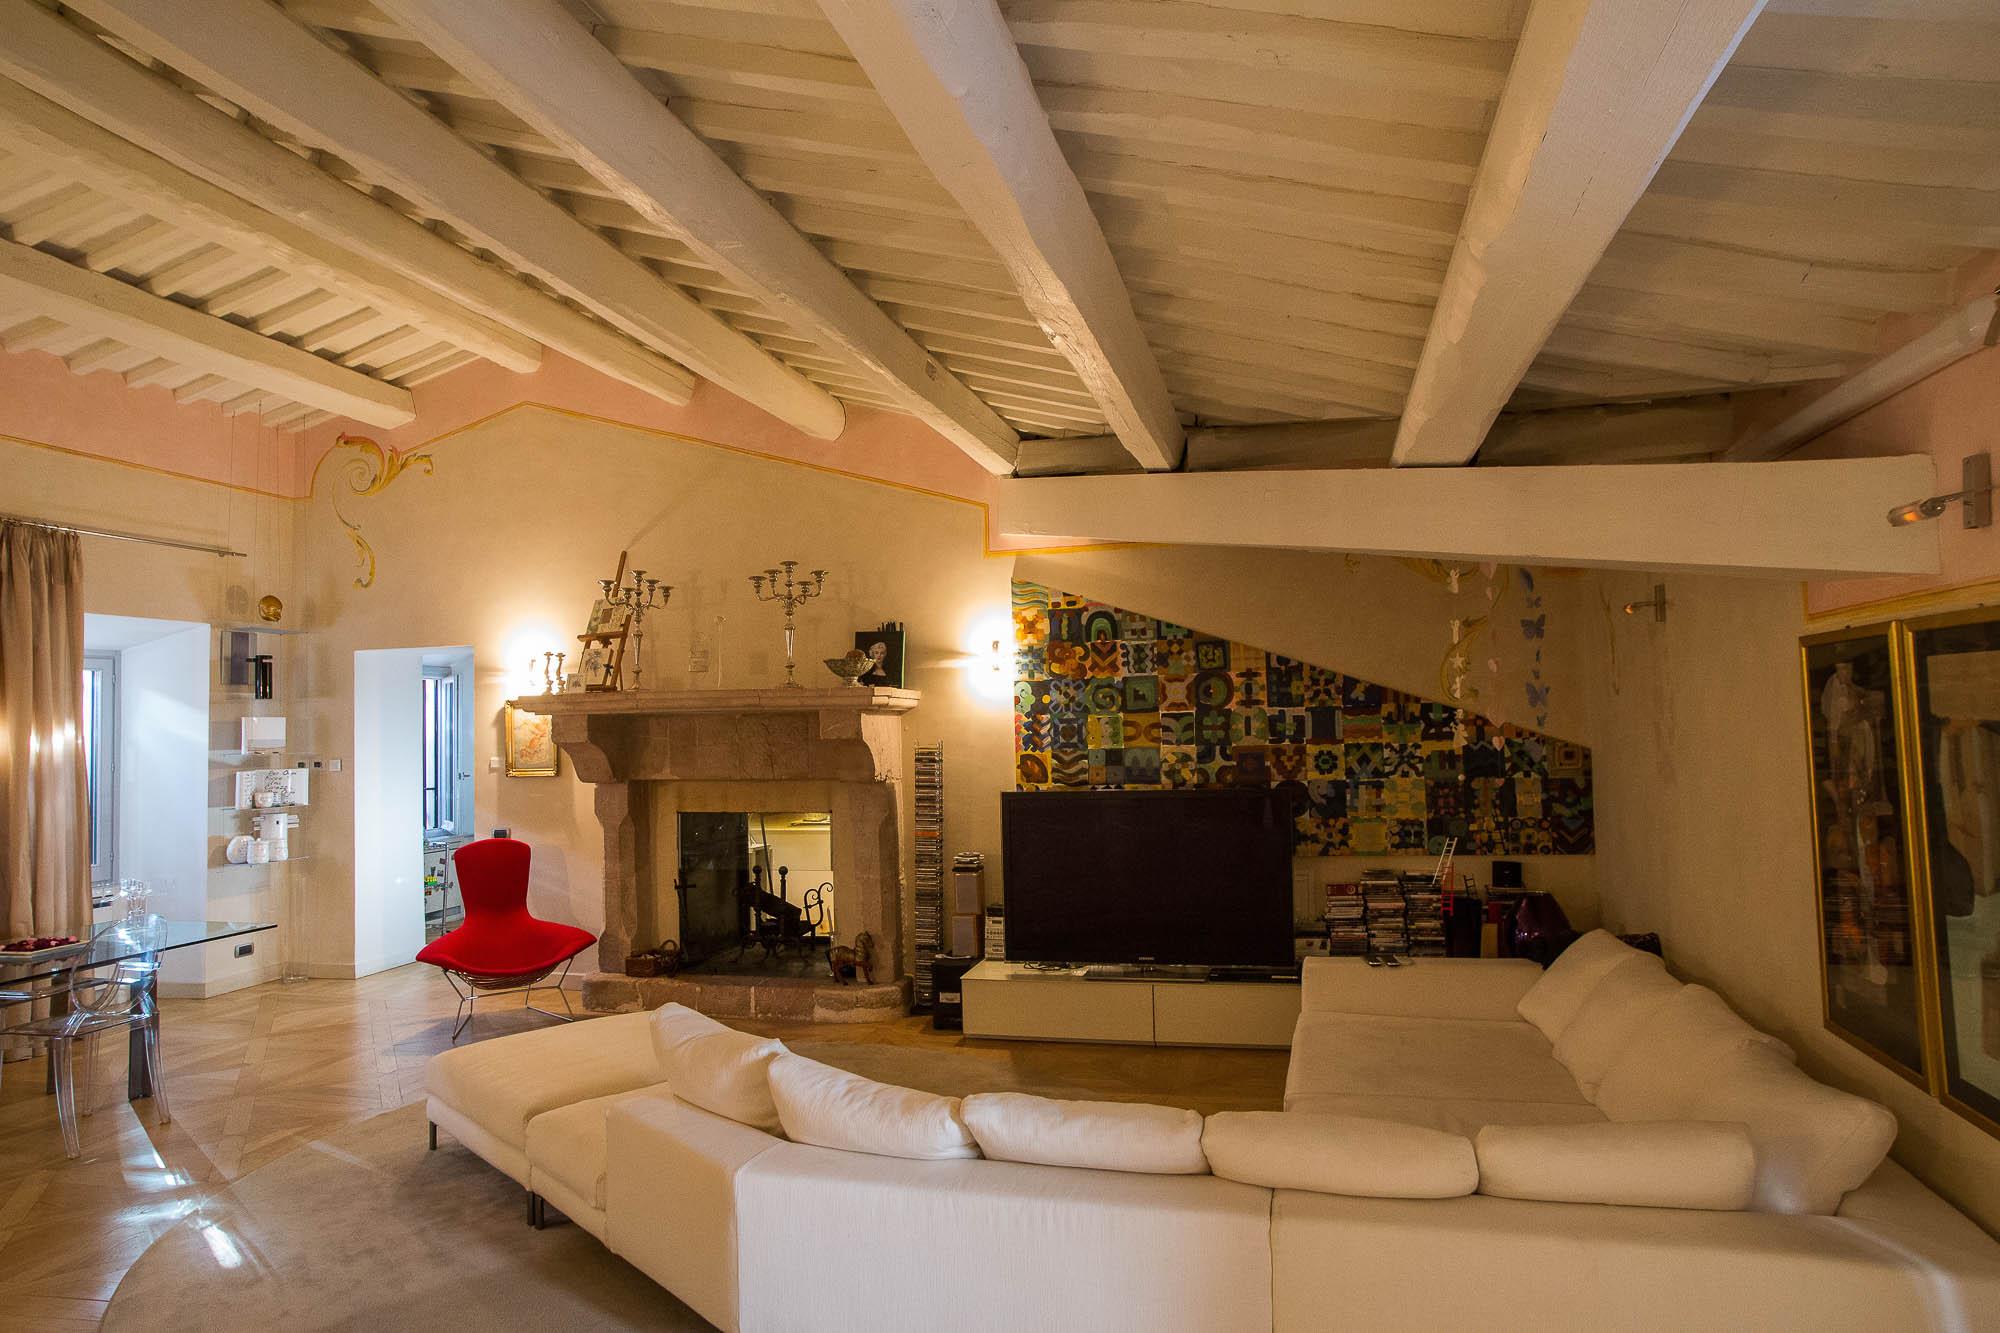 Appartamento centro storico spoleto dimora di lusso all for Affitto case di lusso a roma zona centro